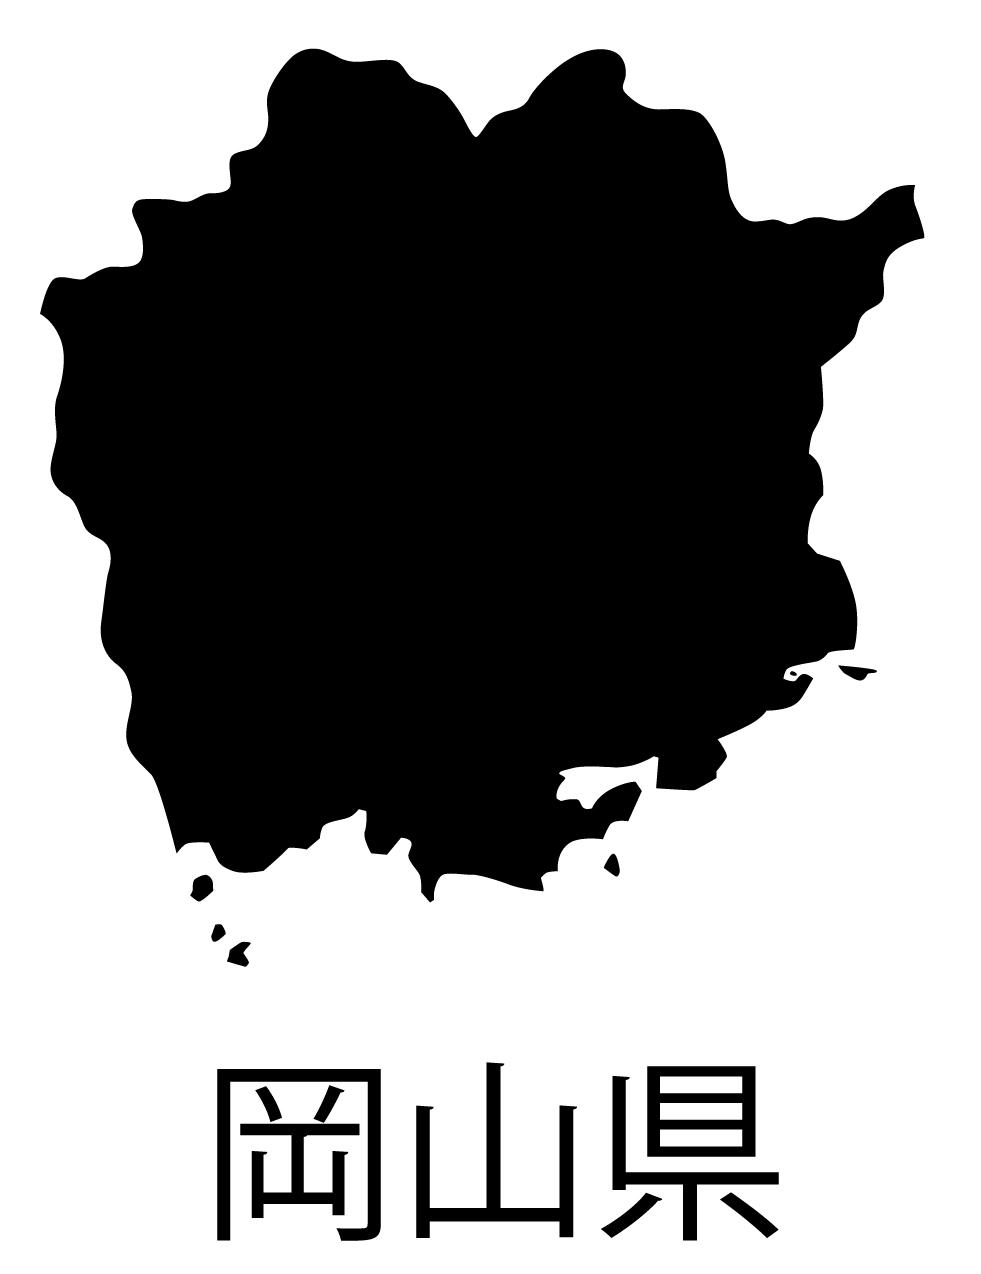 岡山県無料フリーイラスト|日本語・都道府県名あり(黒)